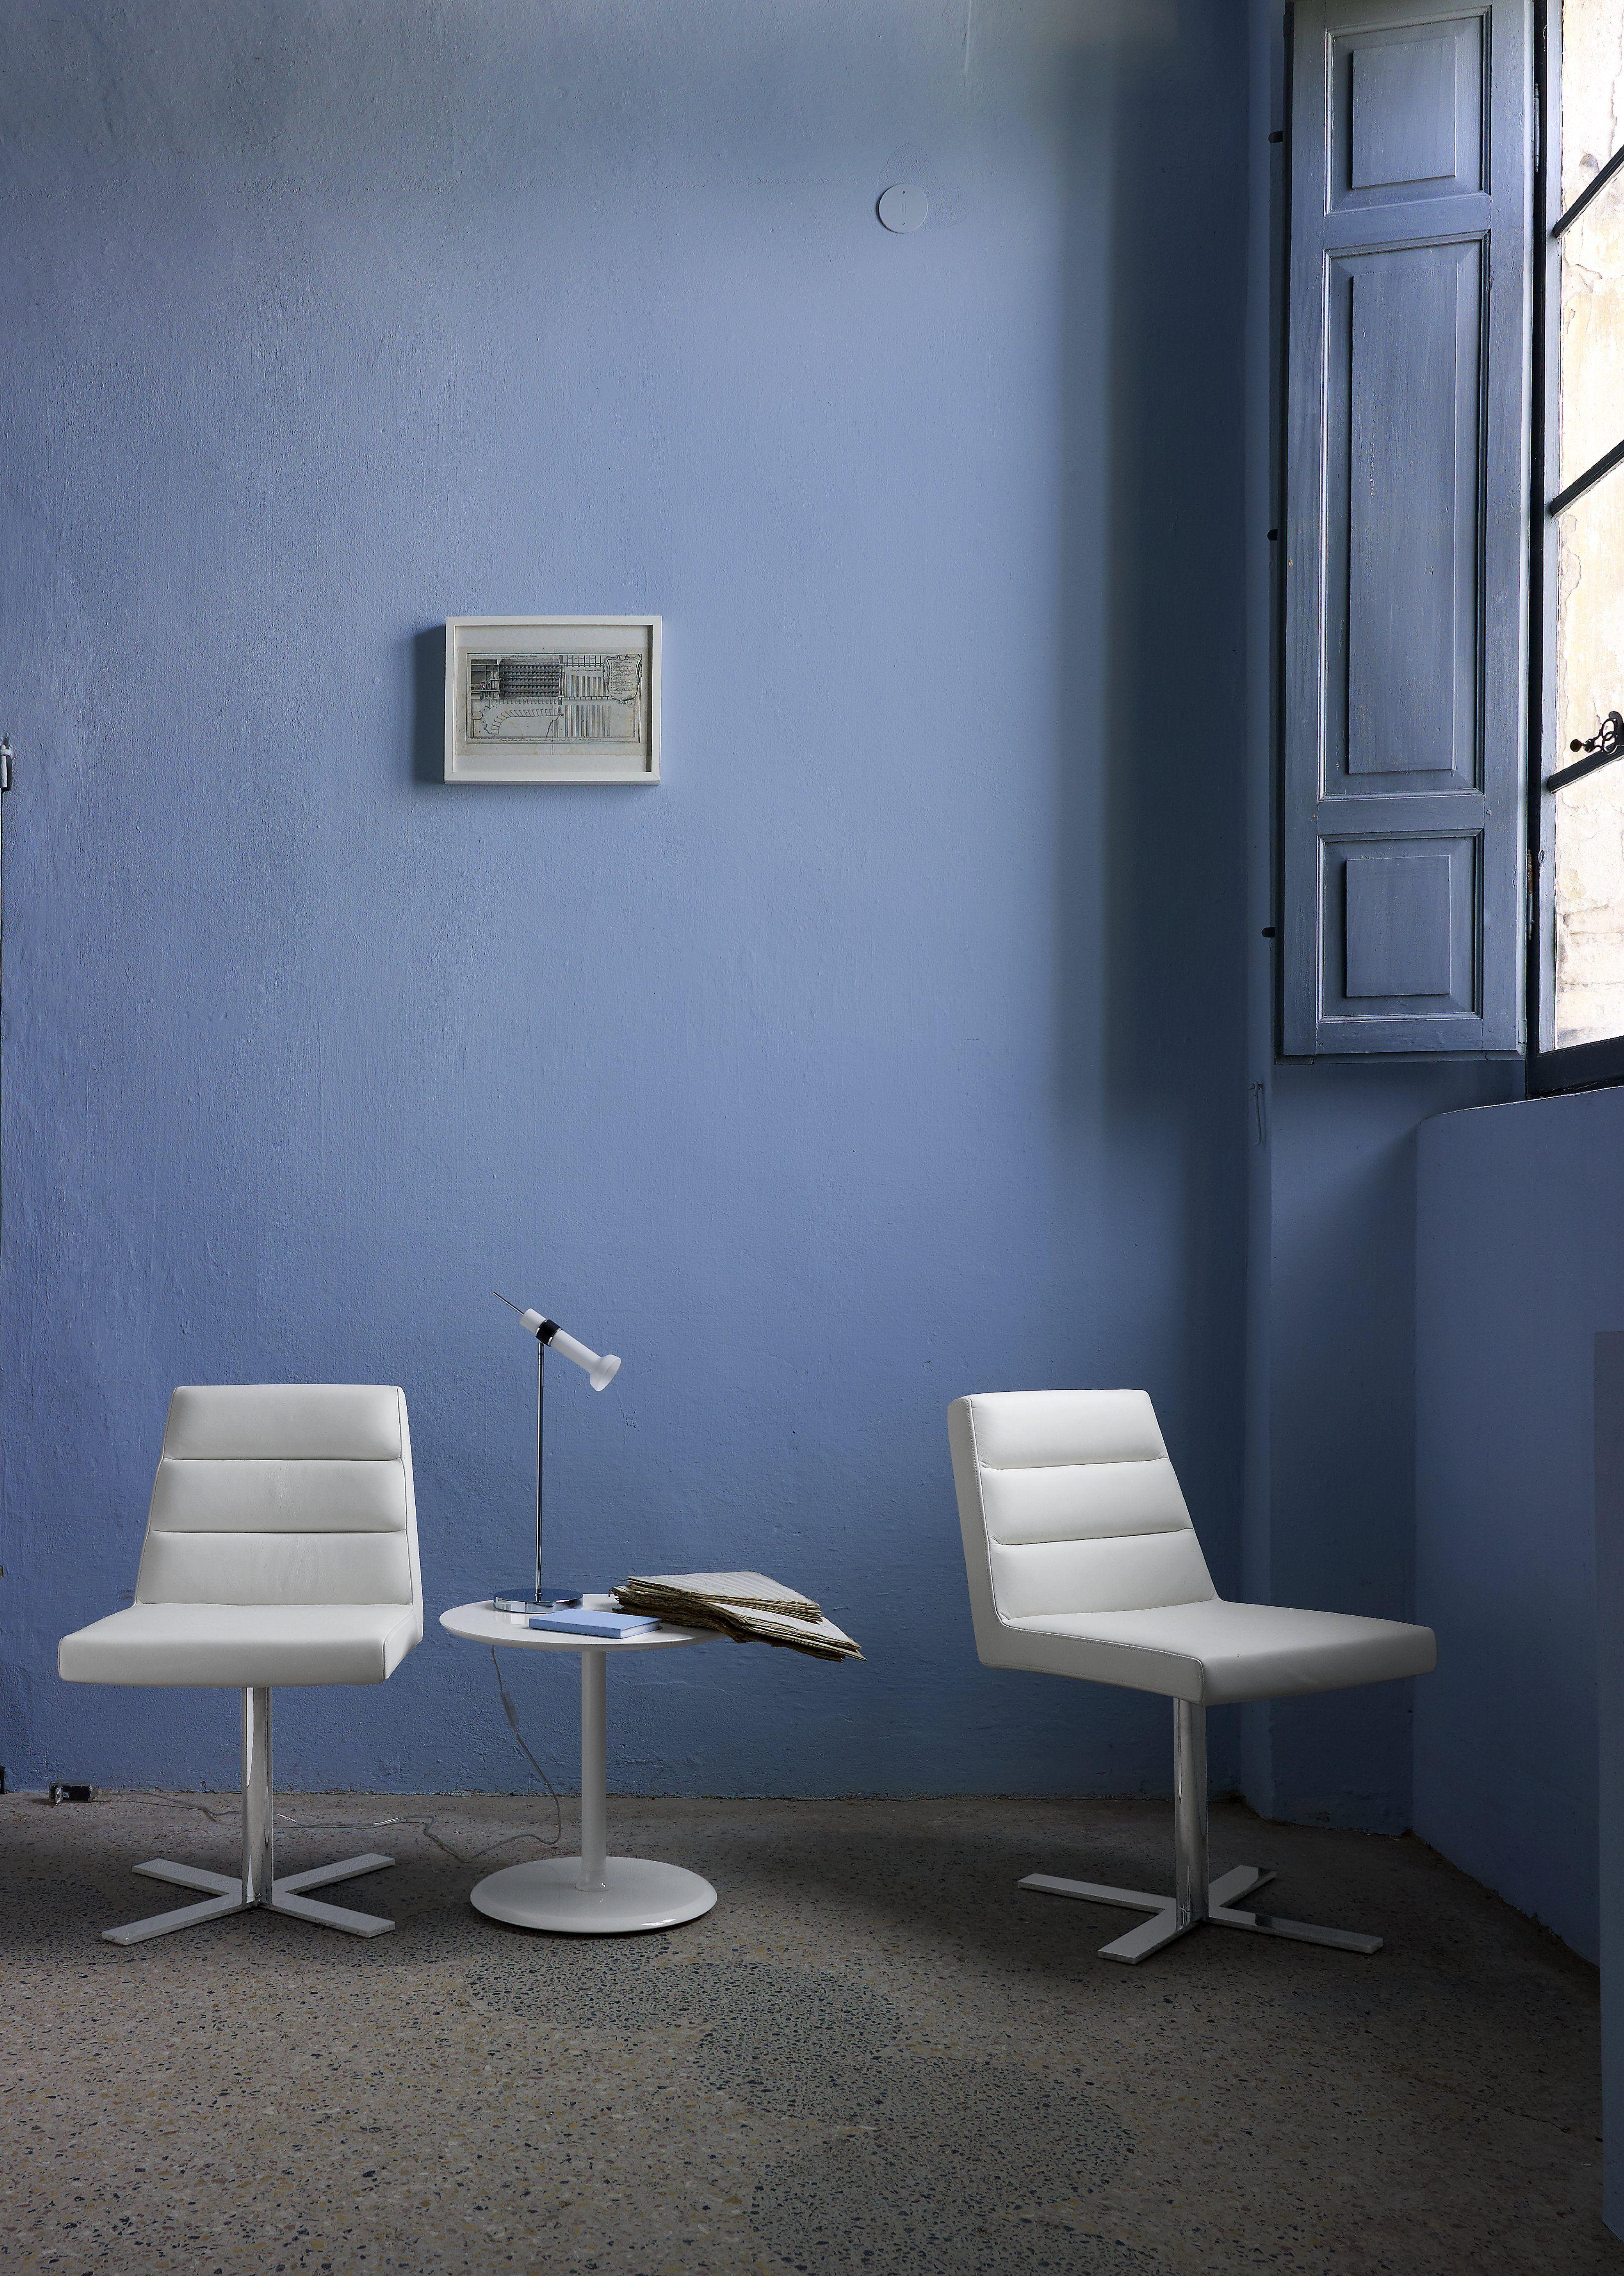 ligne roset guggen designed by andr kikoski for the new. Black Bedroom Furniture Sets. Home Design Ideas